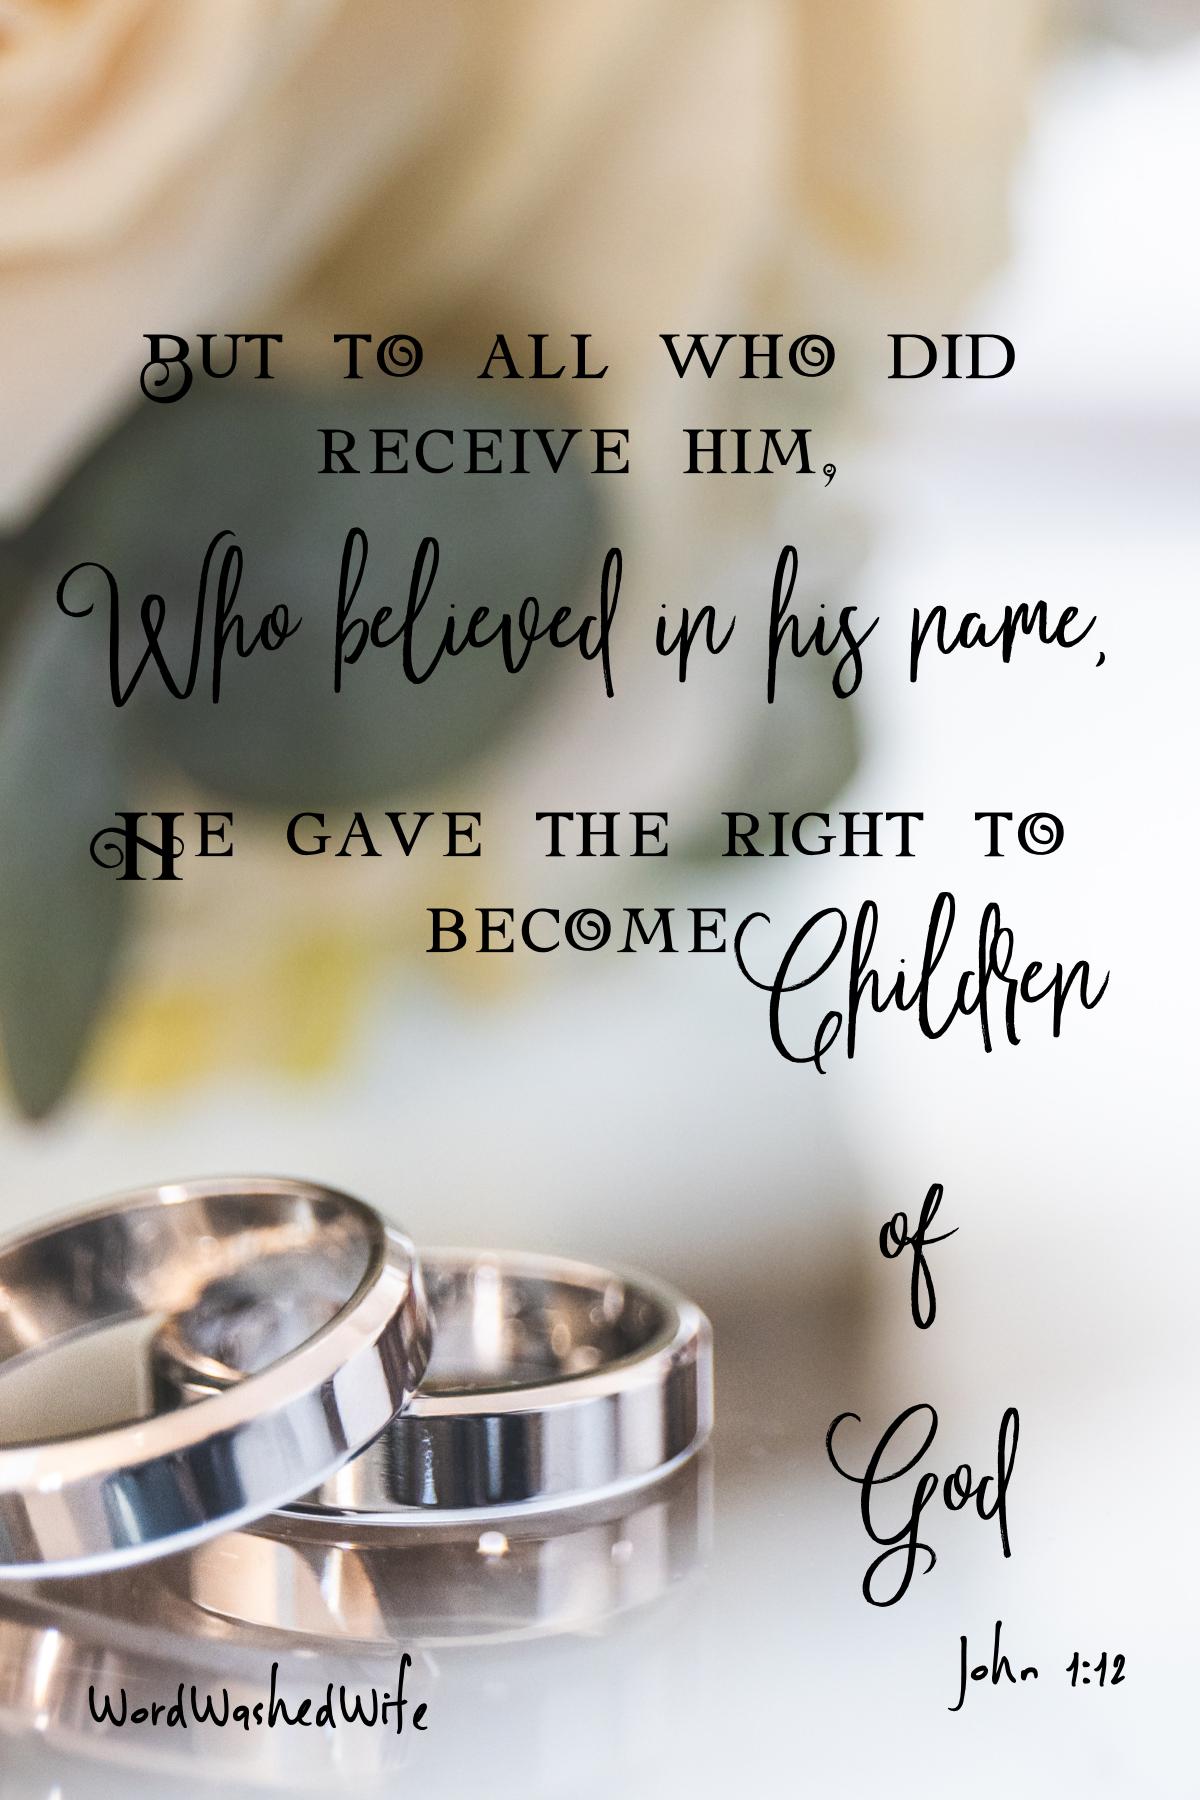 children of god2.PNG